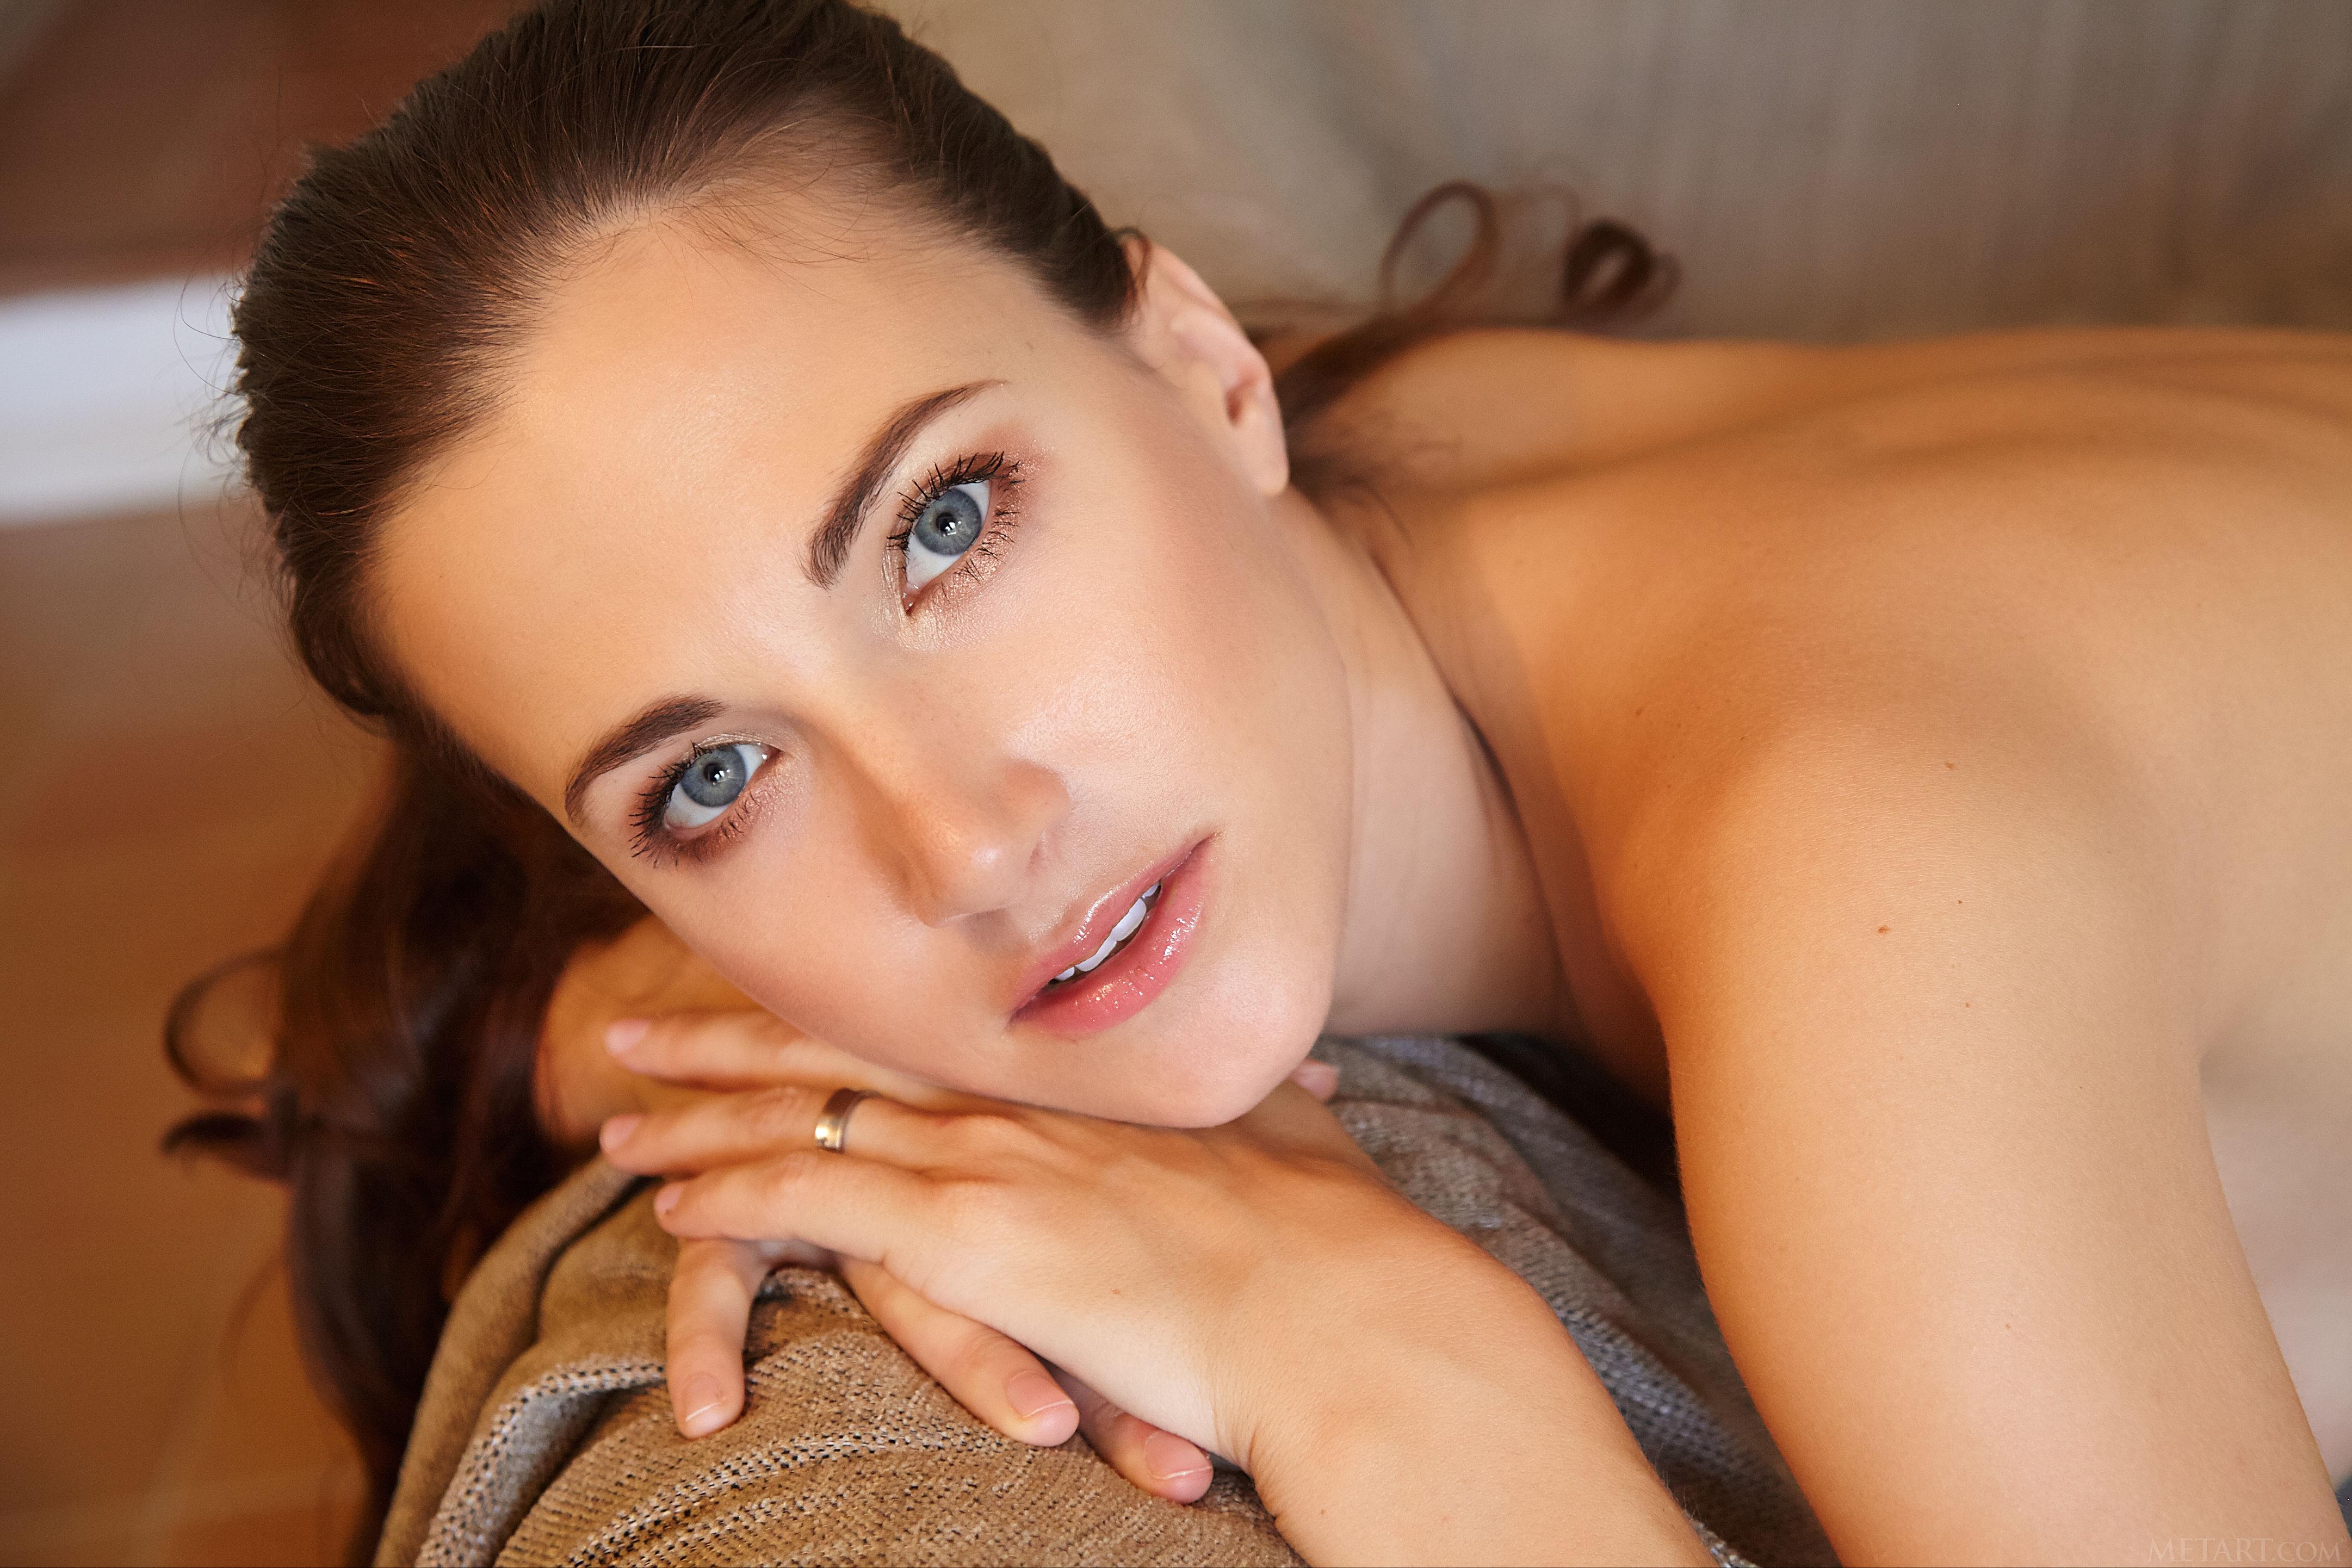 METART Lauren Crist women brunette Met Art room couch